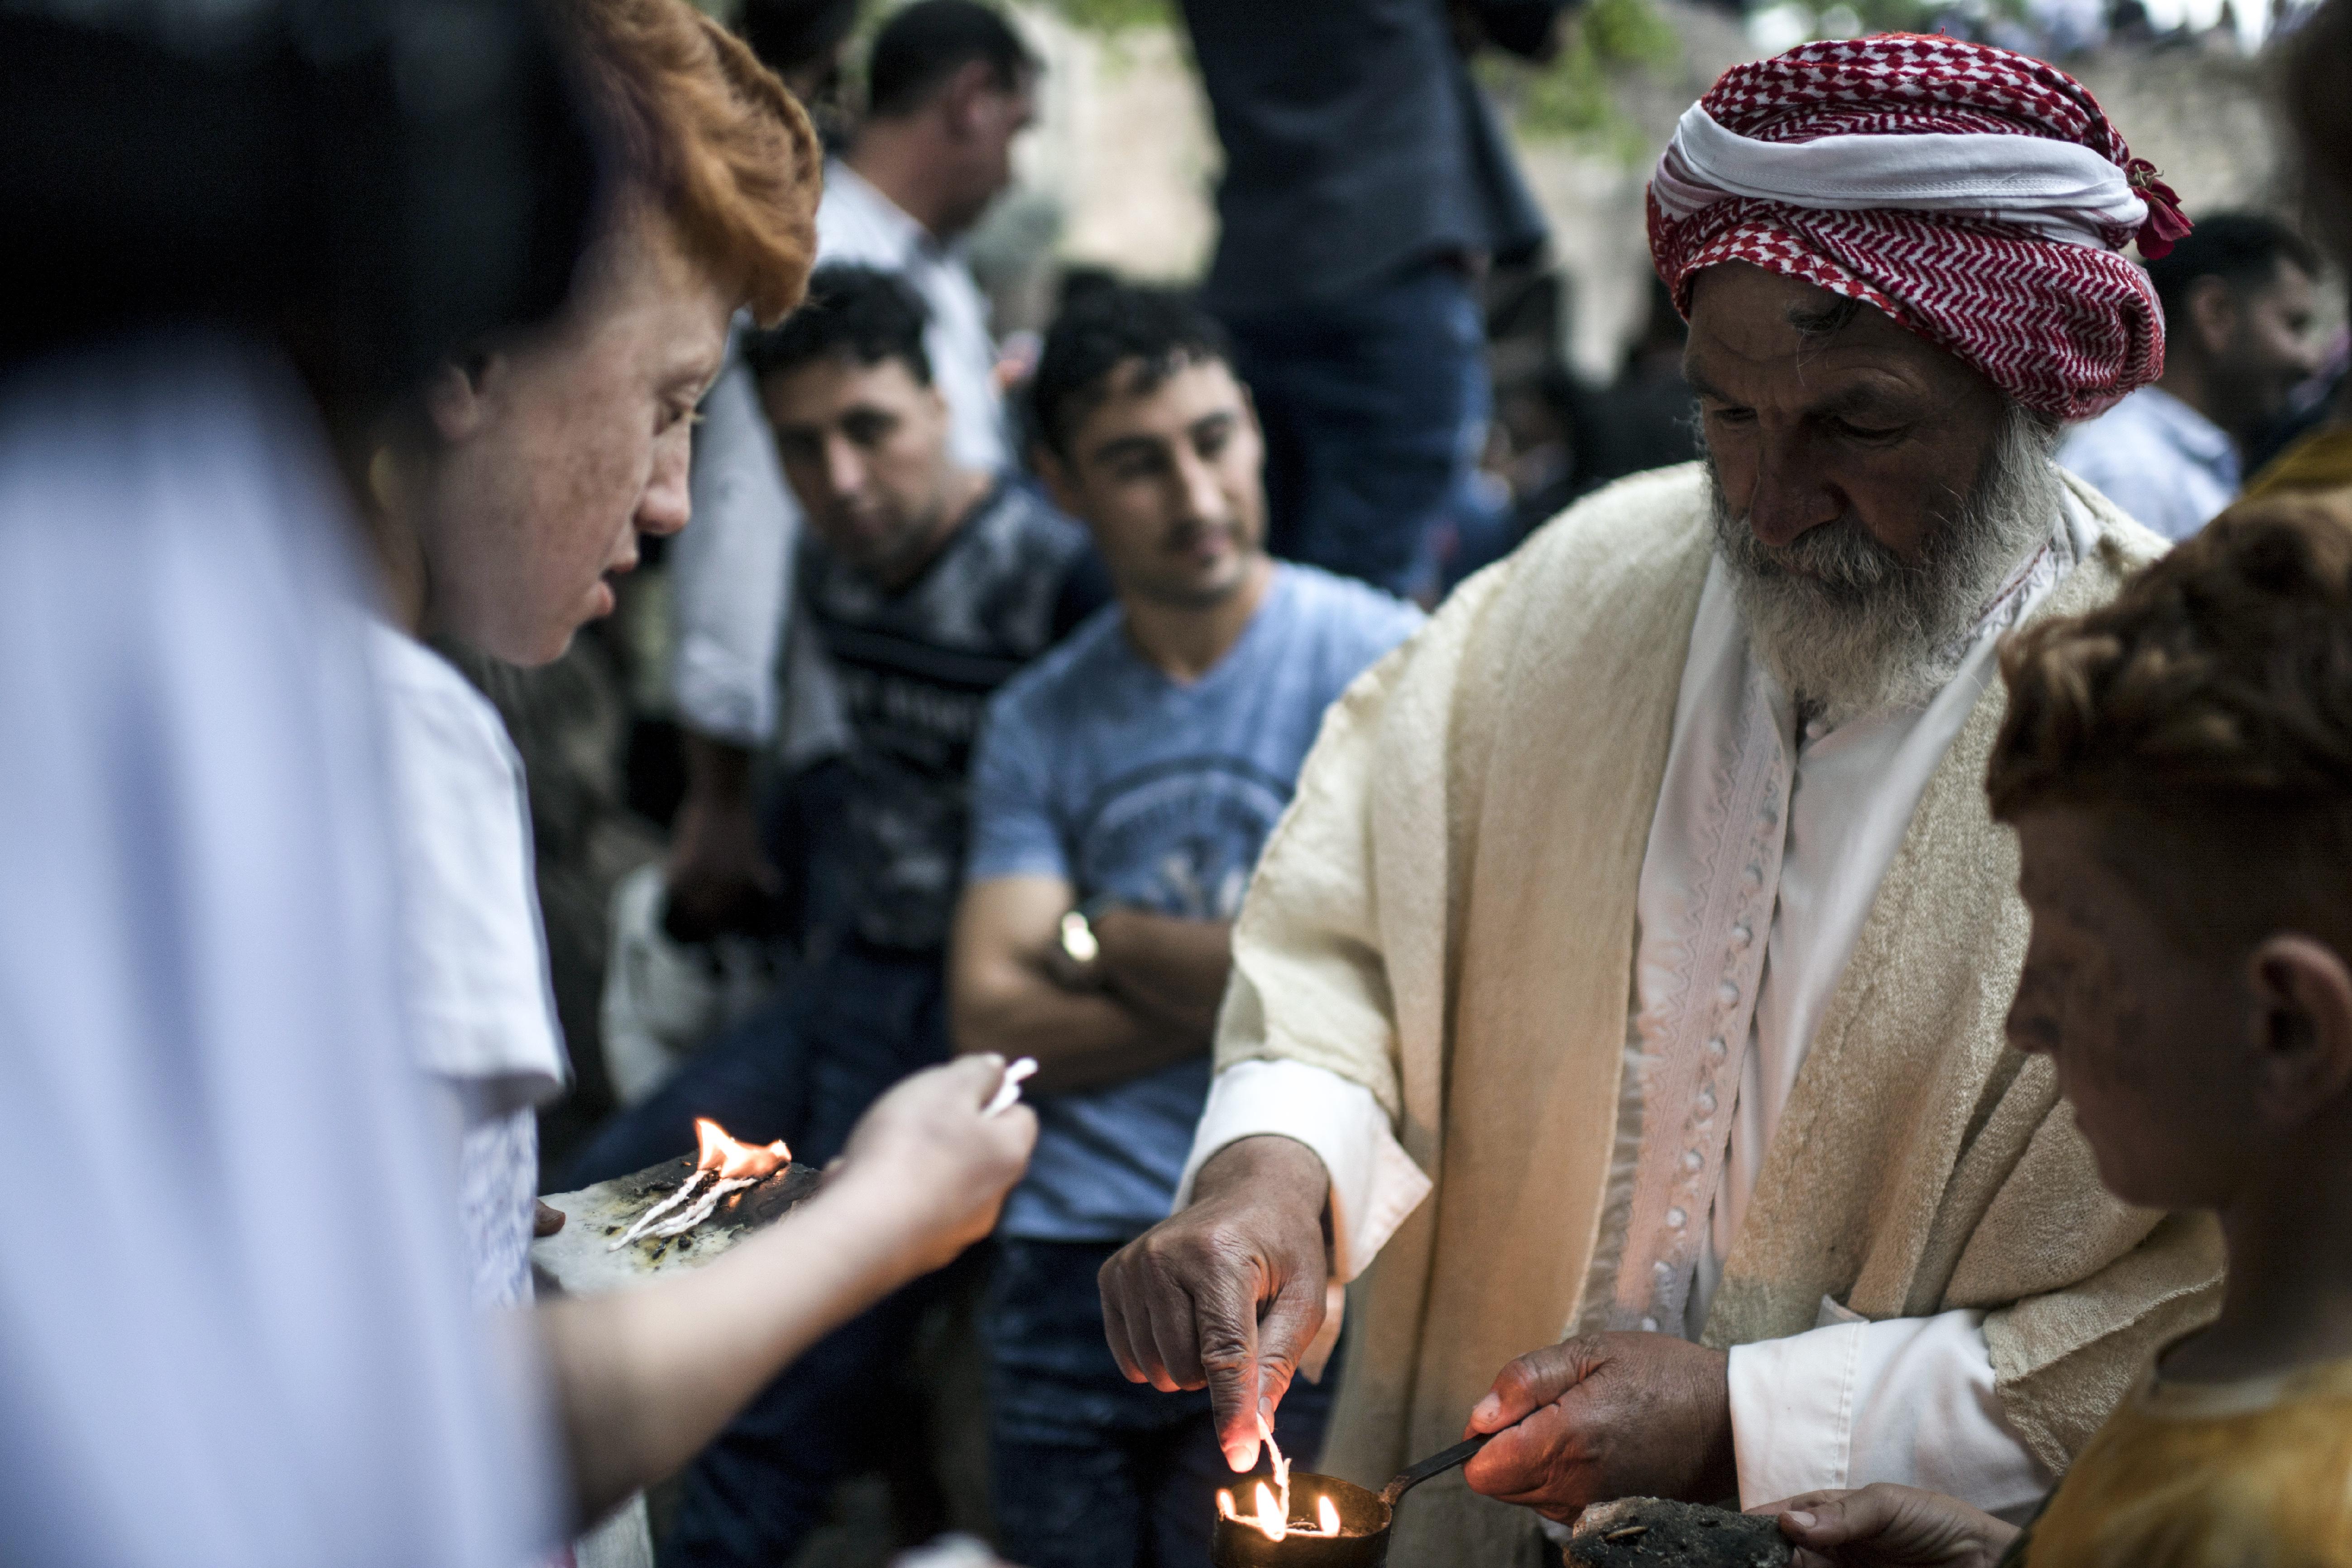 رجل أيزيدي يشعل الشمع في لالش خلال الاحتفال برأس السنة